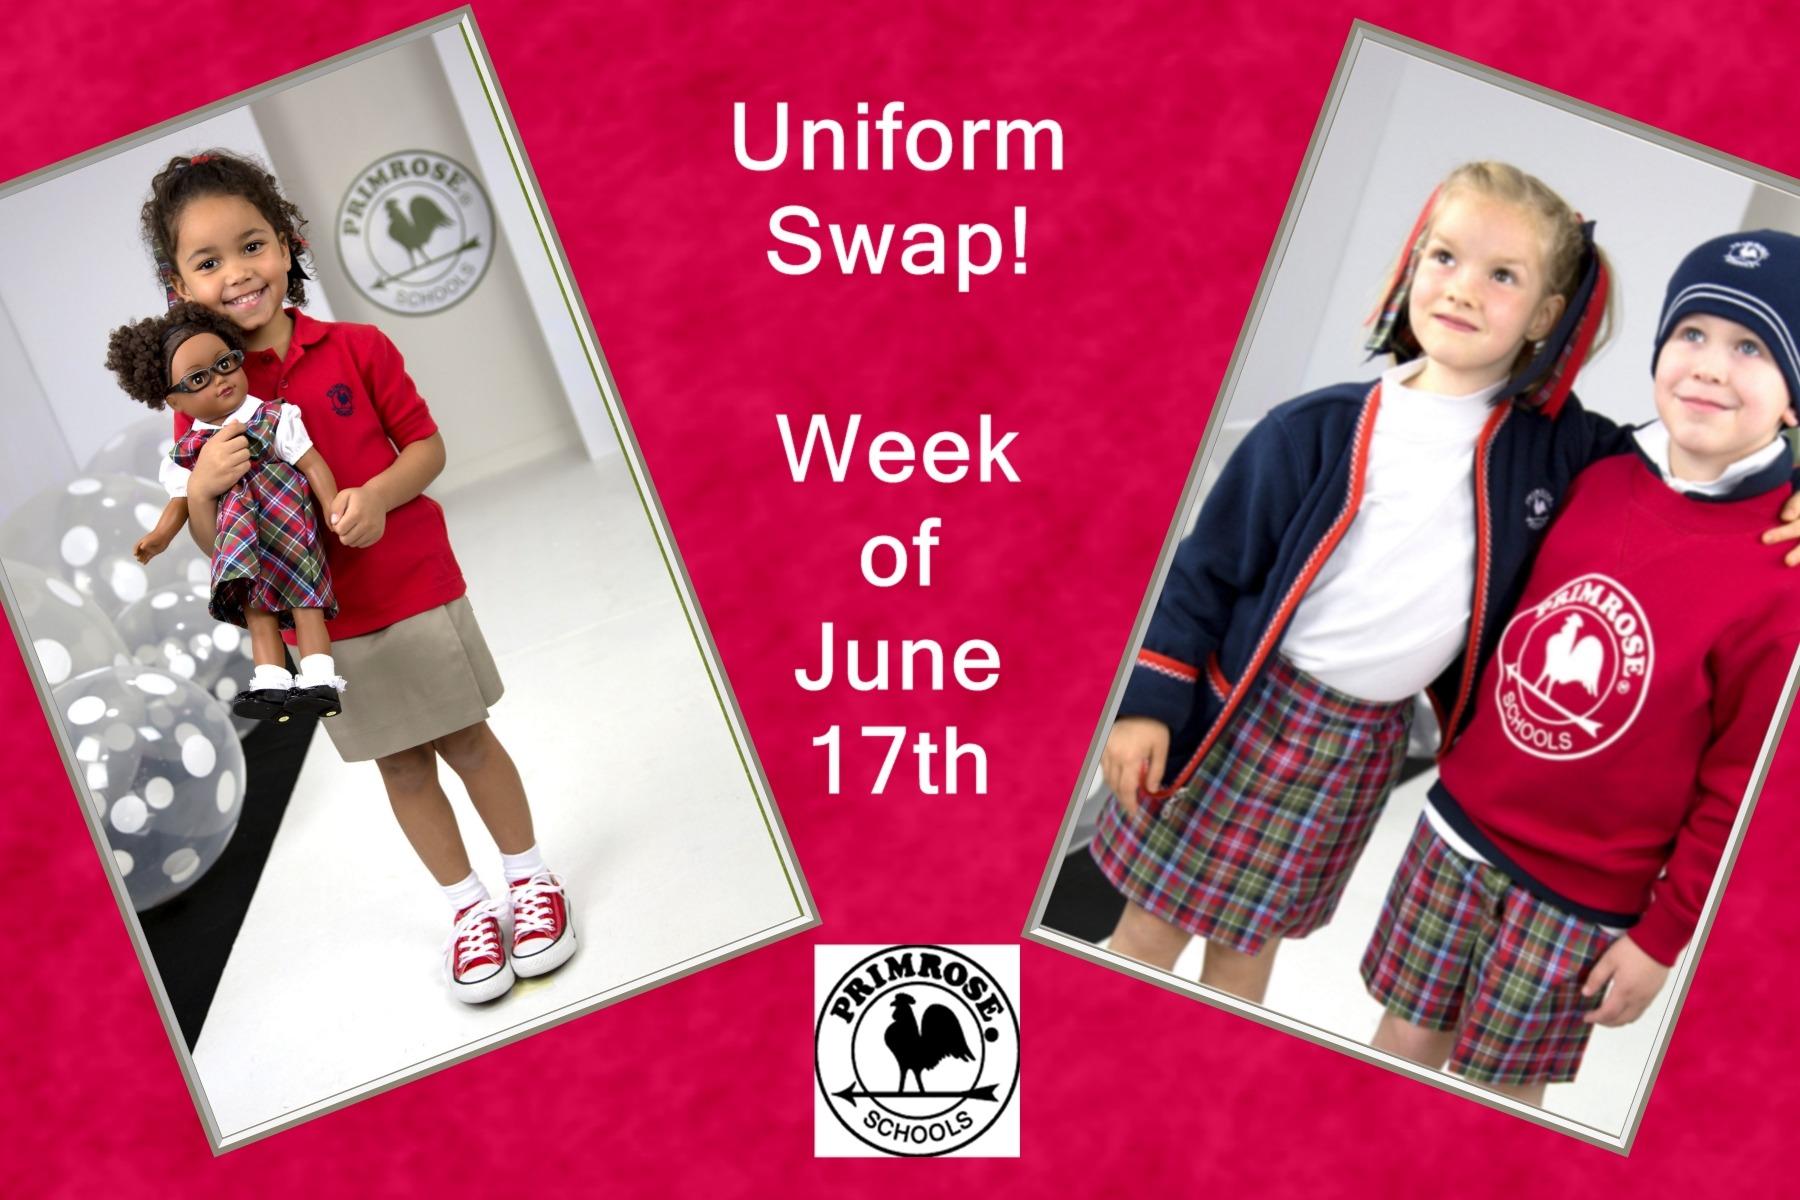 Uniform Swap!